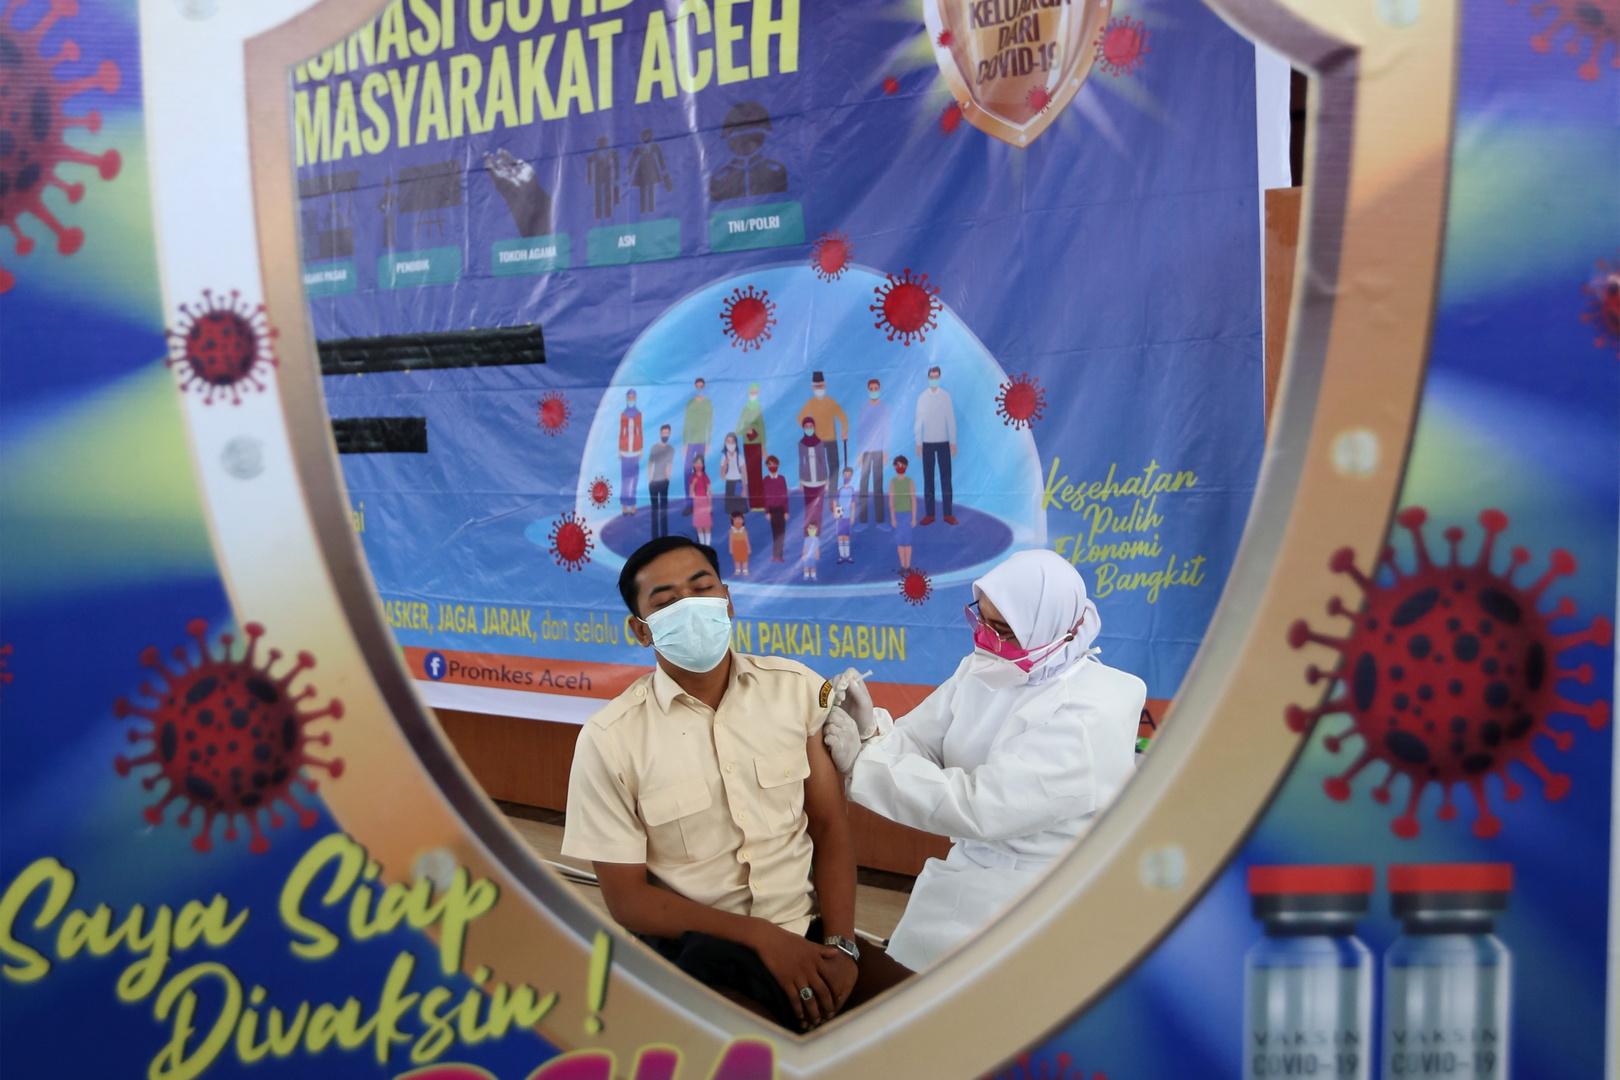 إندونيسيا تسجل أعلى حصيلة إصابات يومية بكورونا منذ فبراير